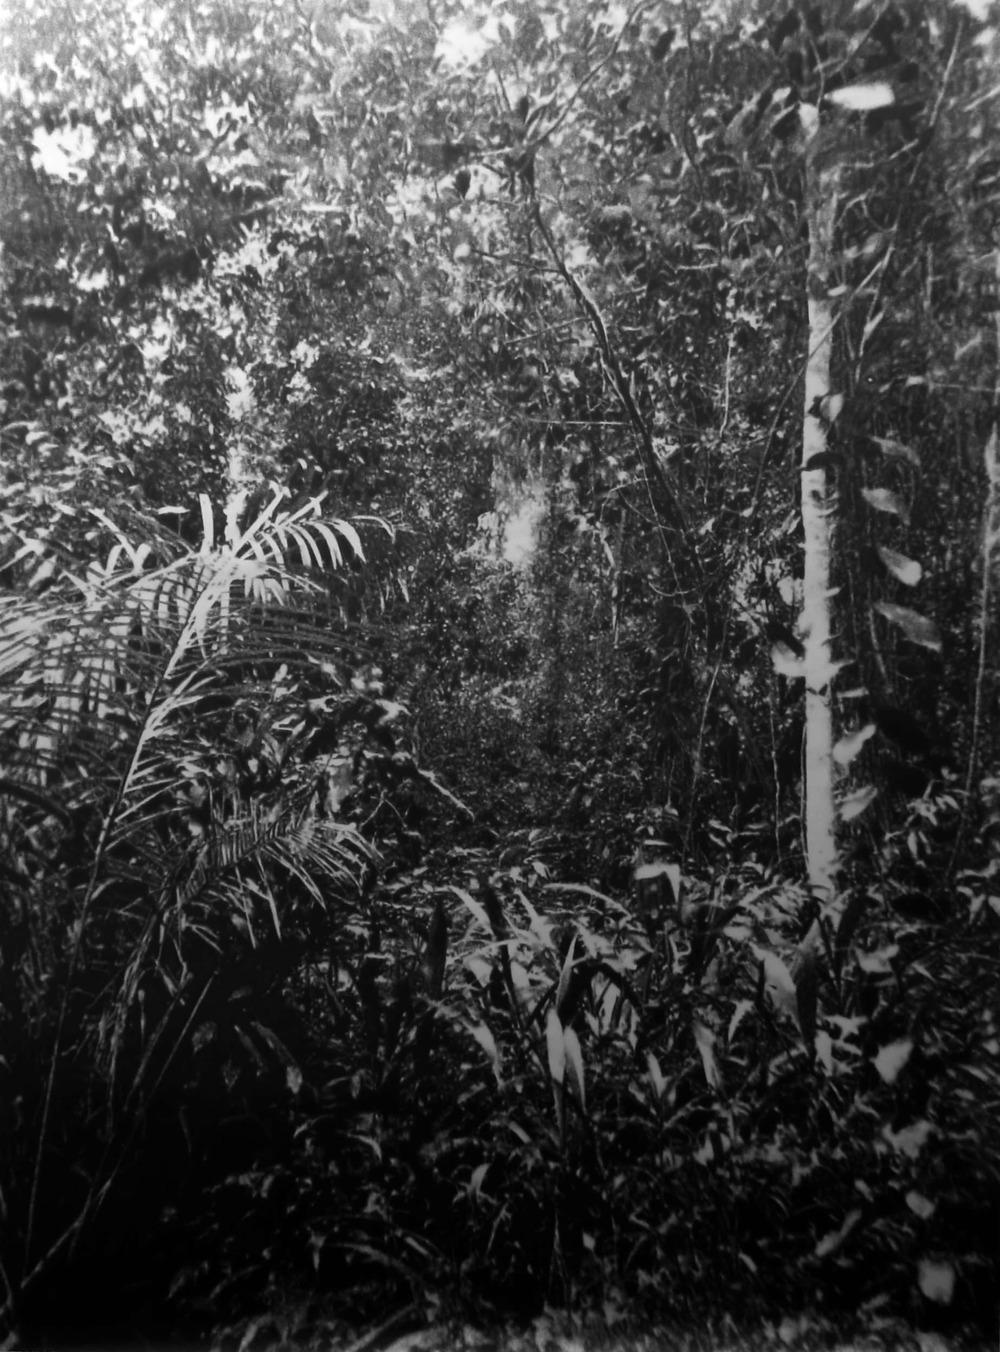 """Éric Manigaud, """"Jungle #6, palmes et lianes"""", 132 x 179 cm, 2008"""